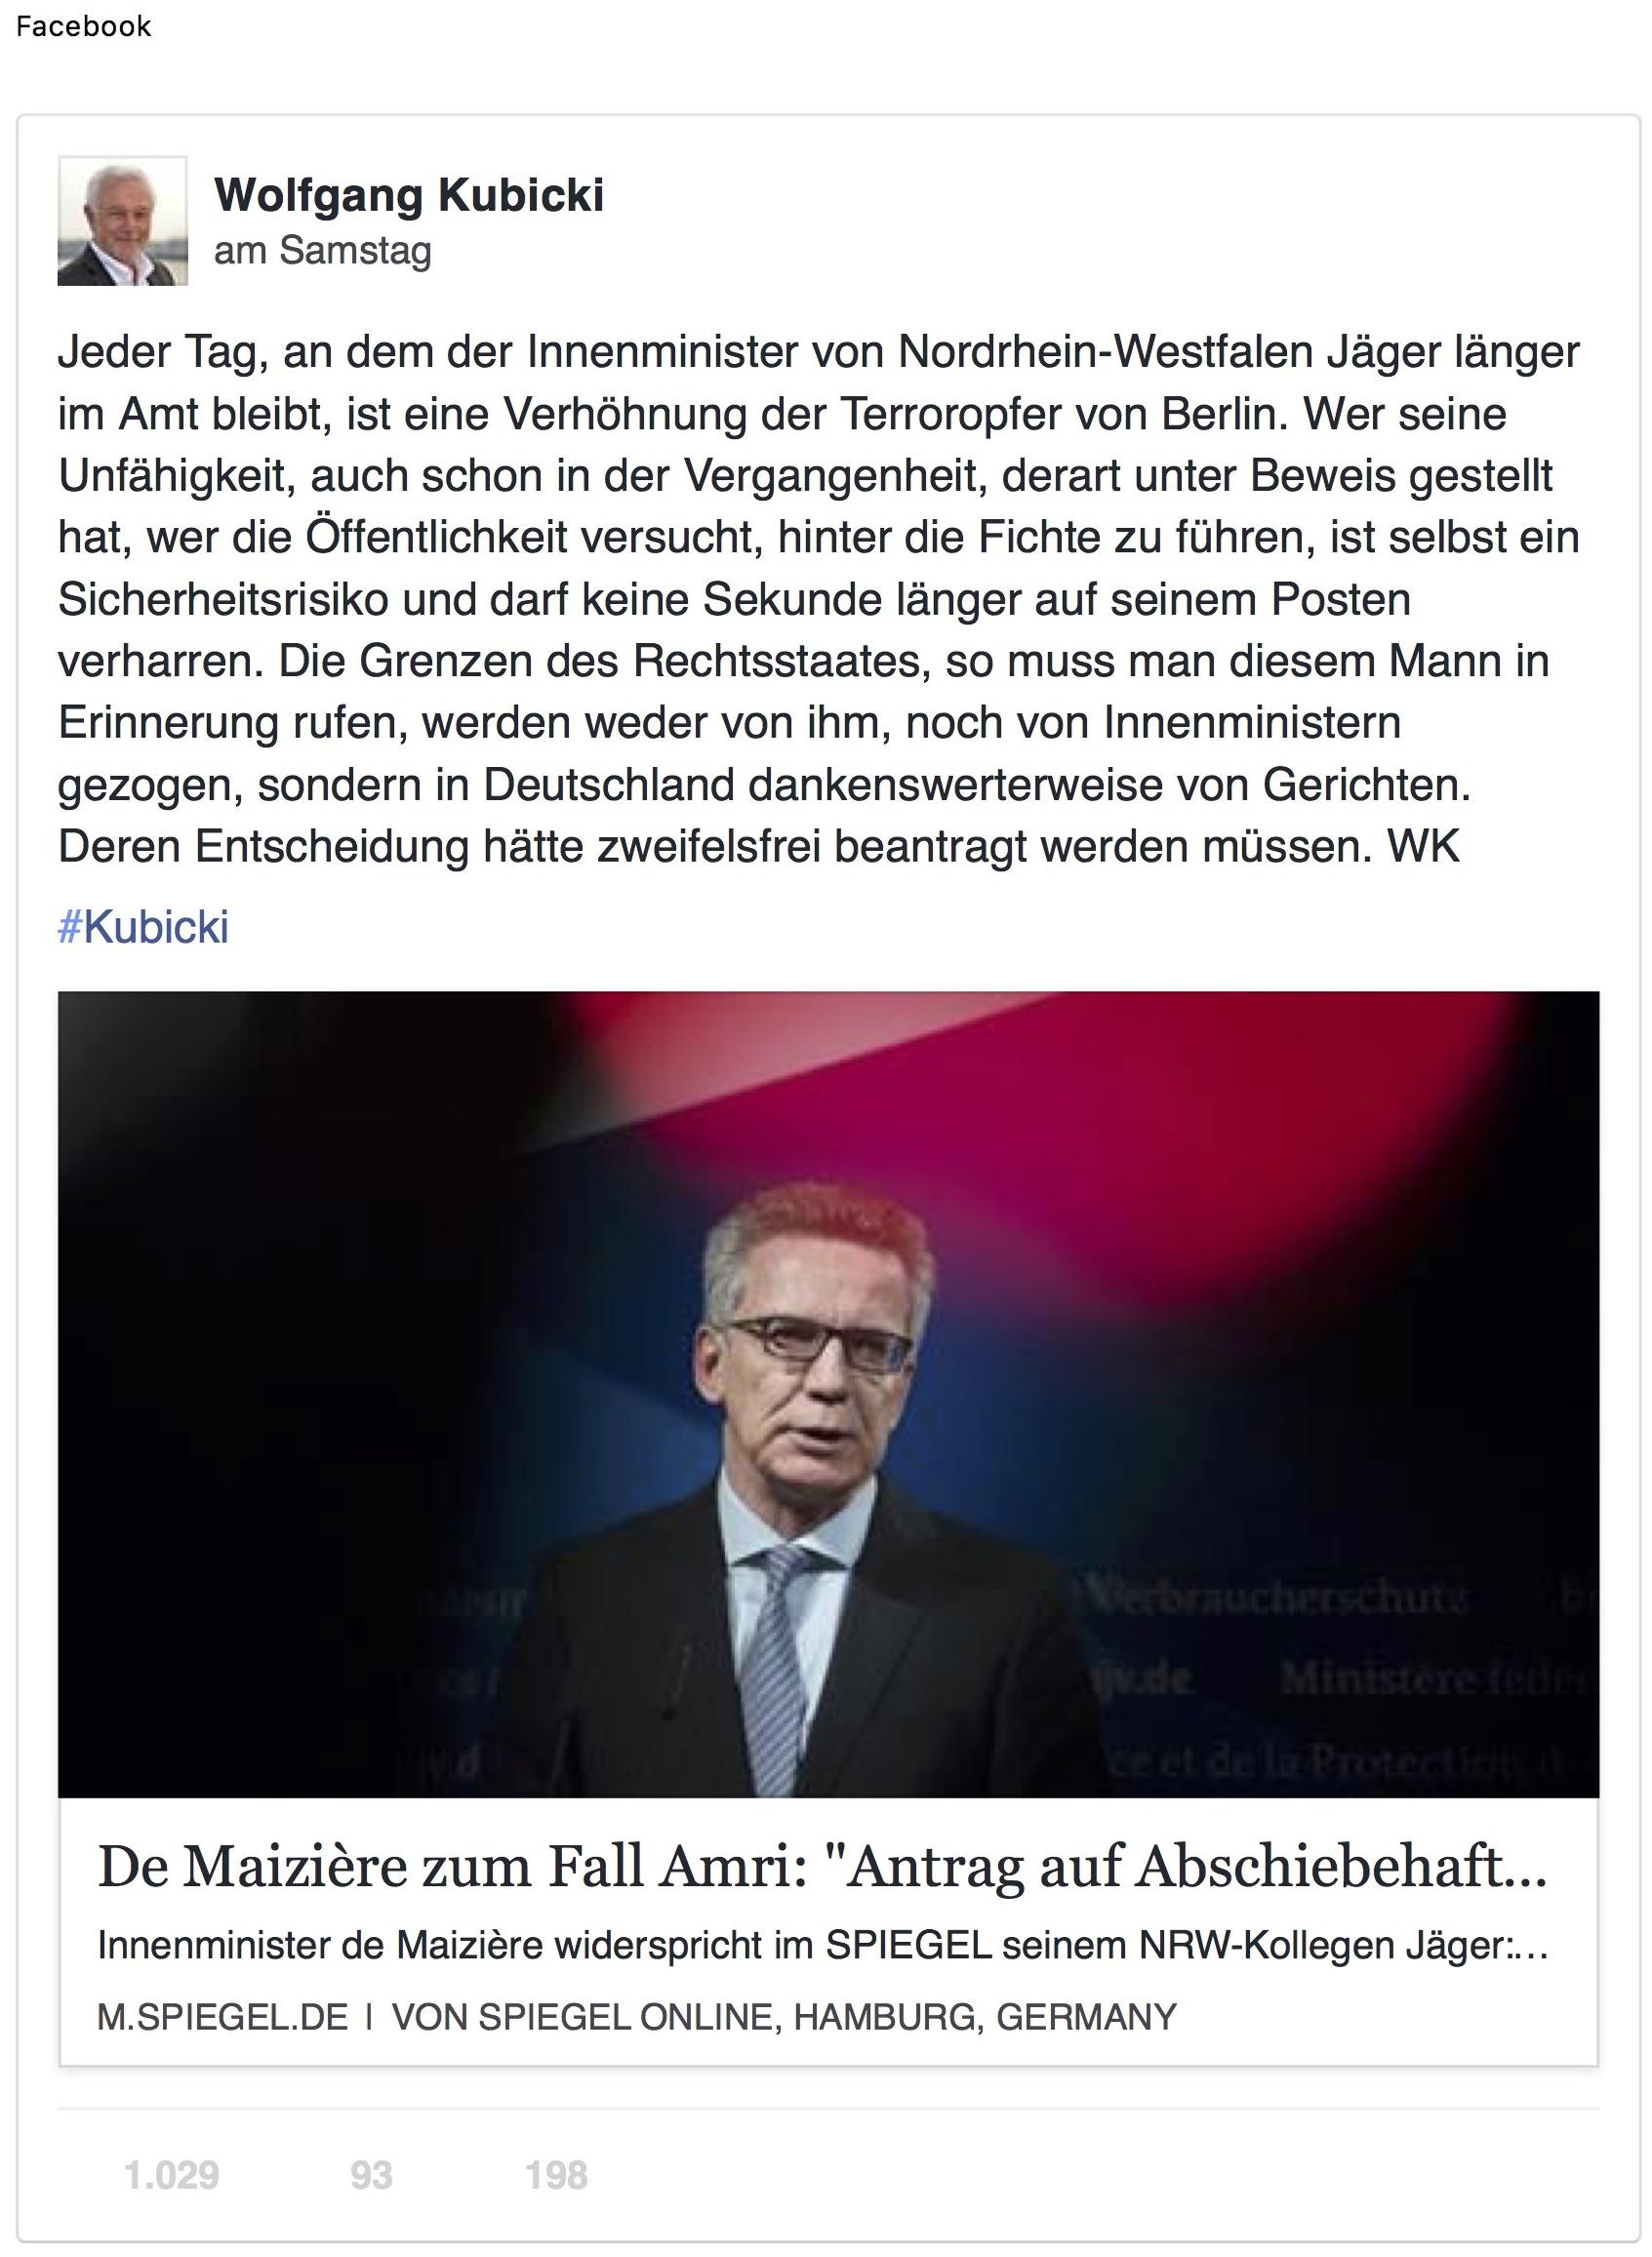 Wolfgang Kubicki via Facebook